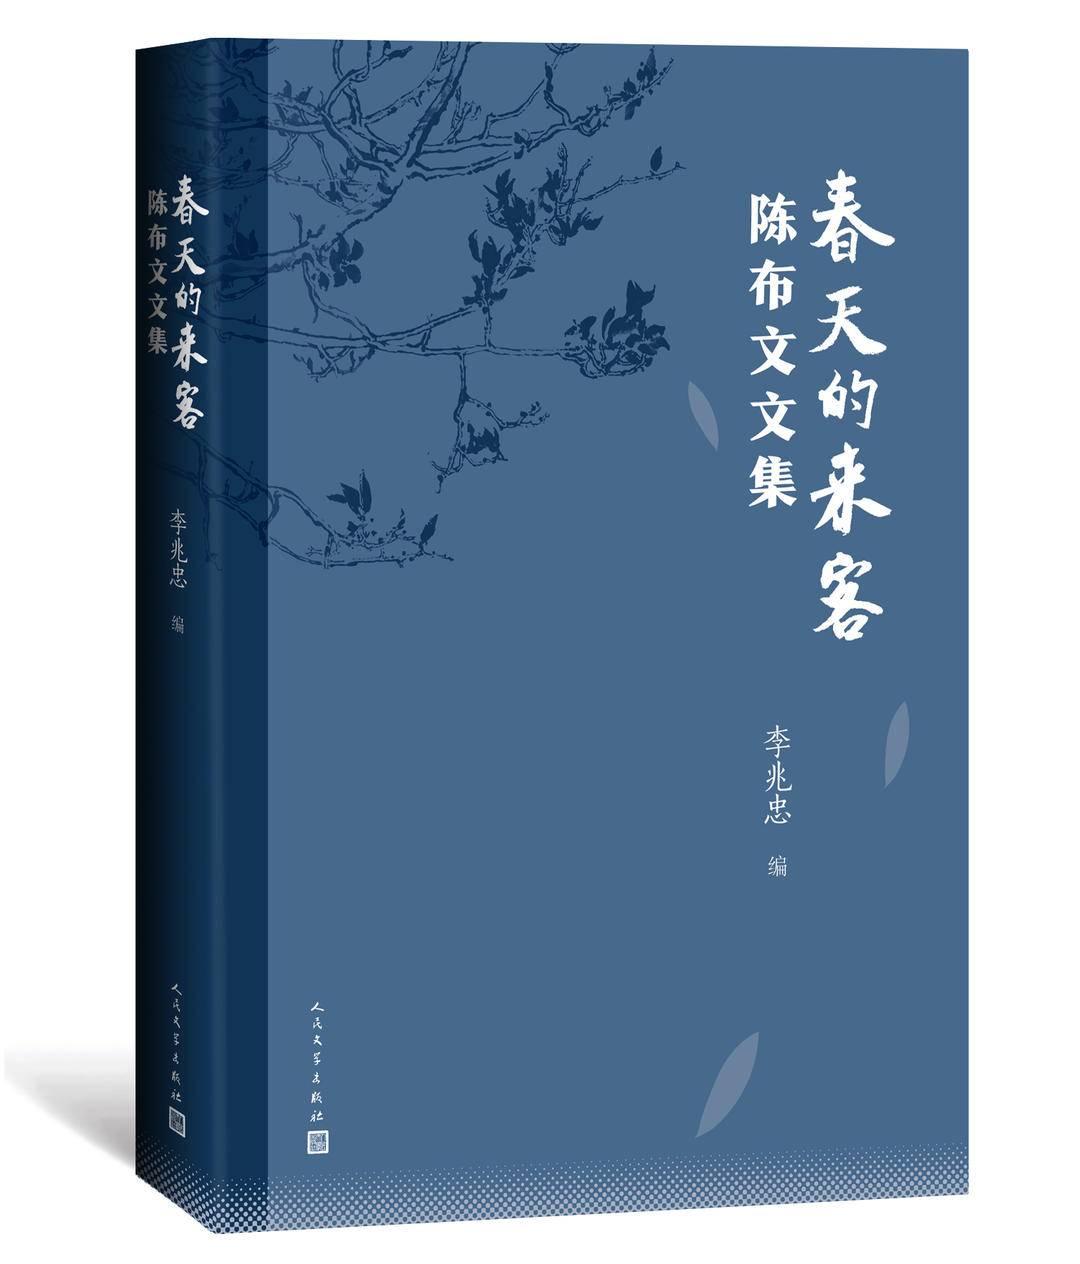 她是民国才女,也是文坛奇才,陈布文文集《春天的来客》出版